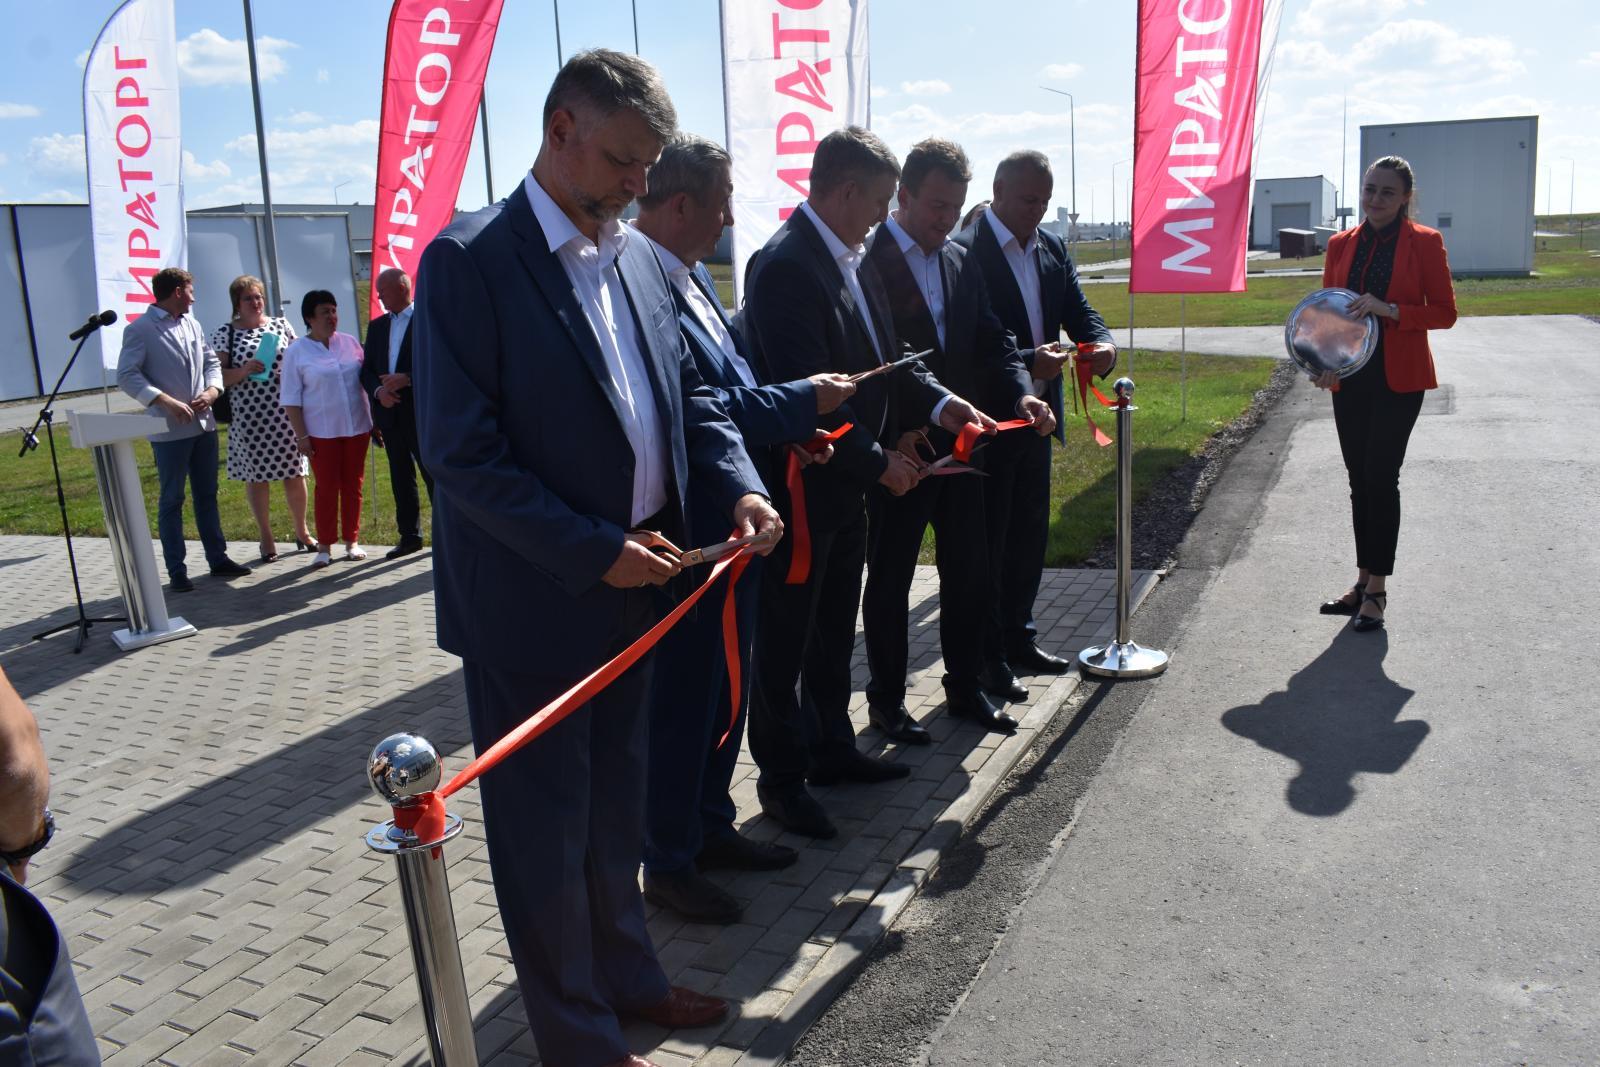 Экологически безопасное и высококачественное производство - агрохолдинг «Мираторг» реализует очередной амбициозный проект, в Выгоничском районе открыт кожевенный завод